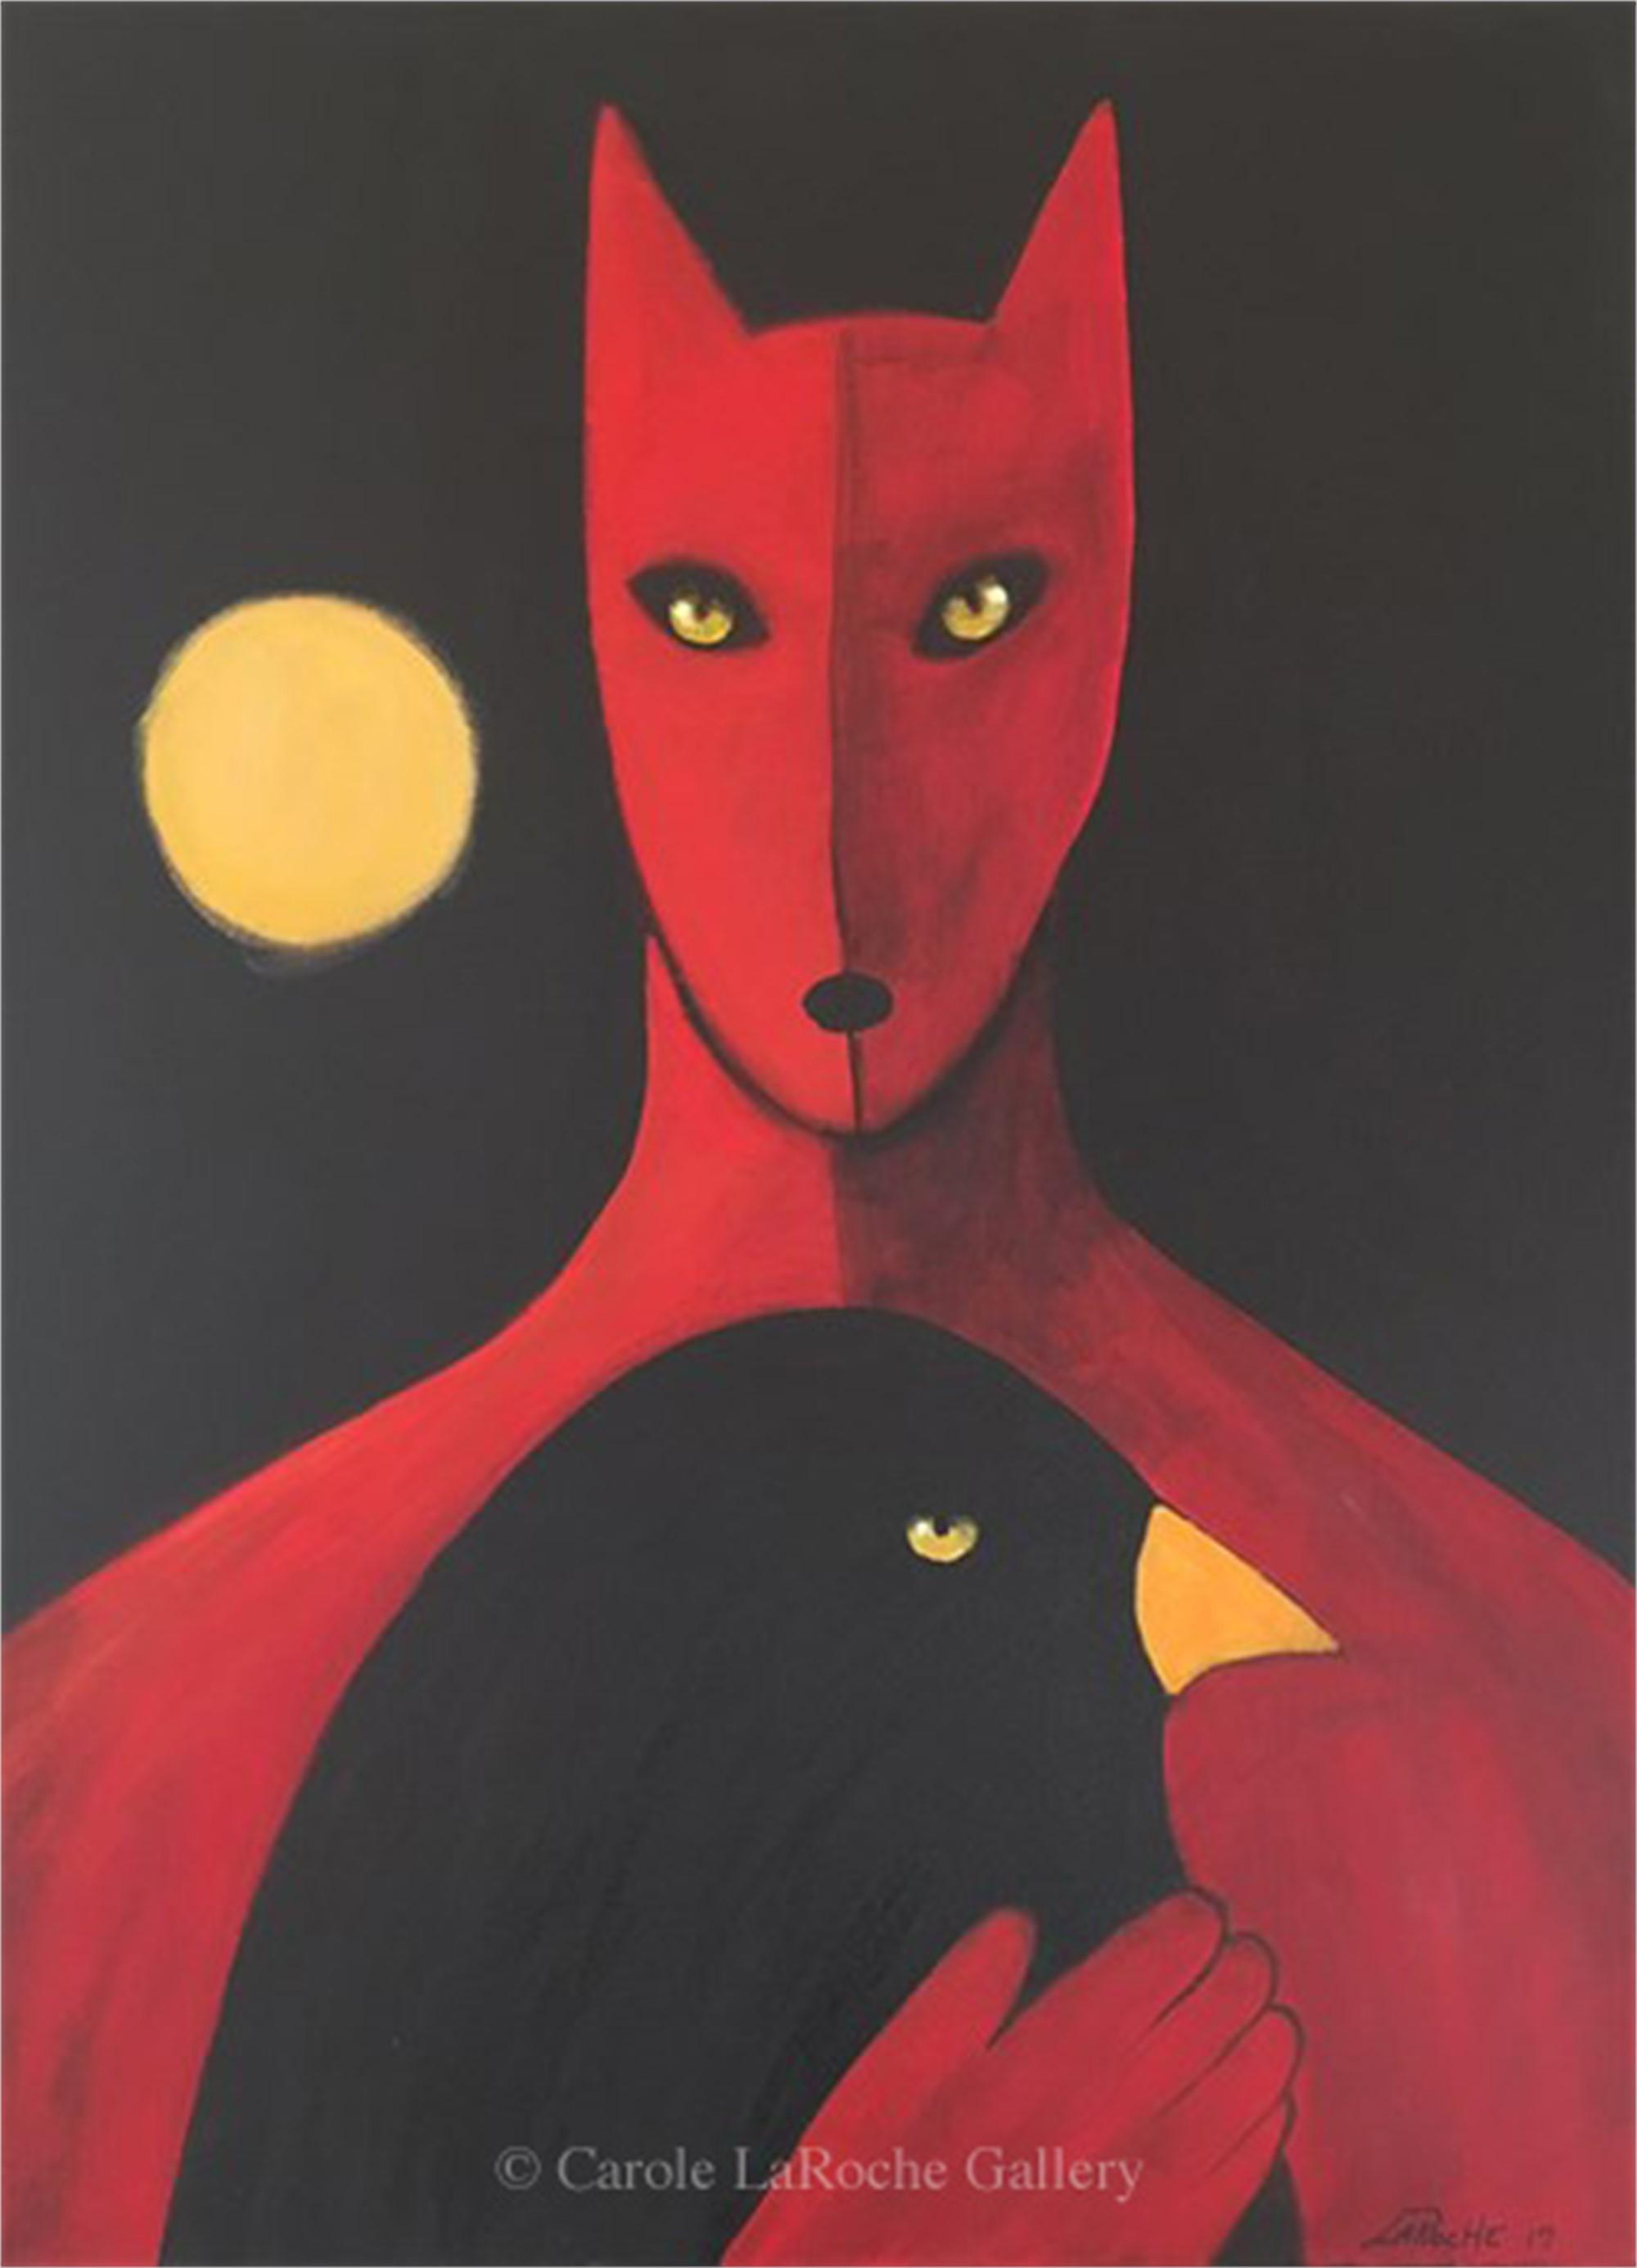 RAVEN WOLF II by Carole LaRoche